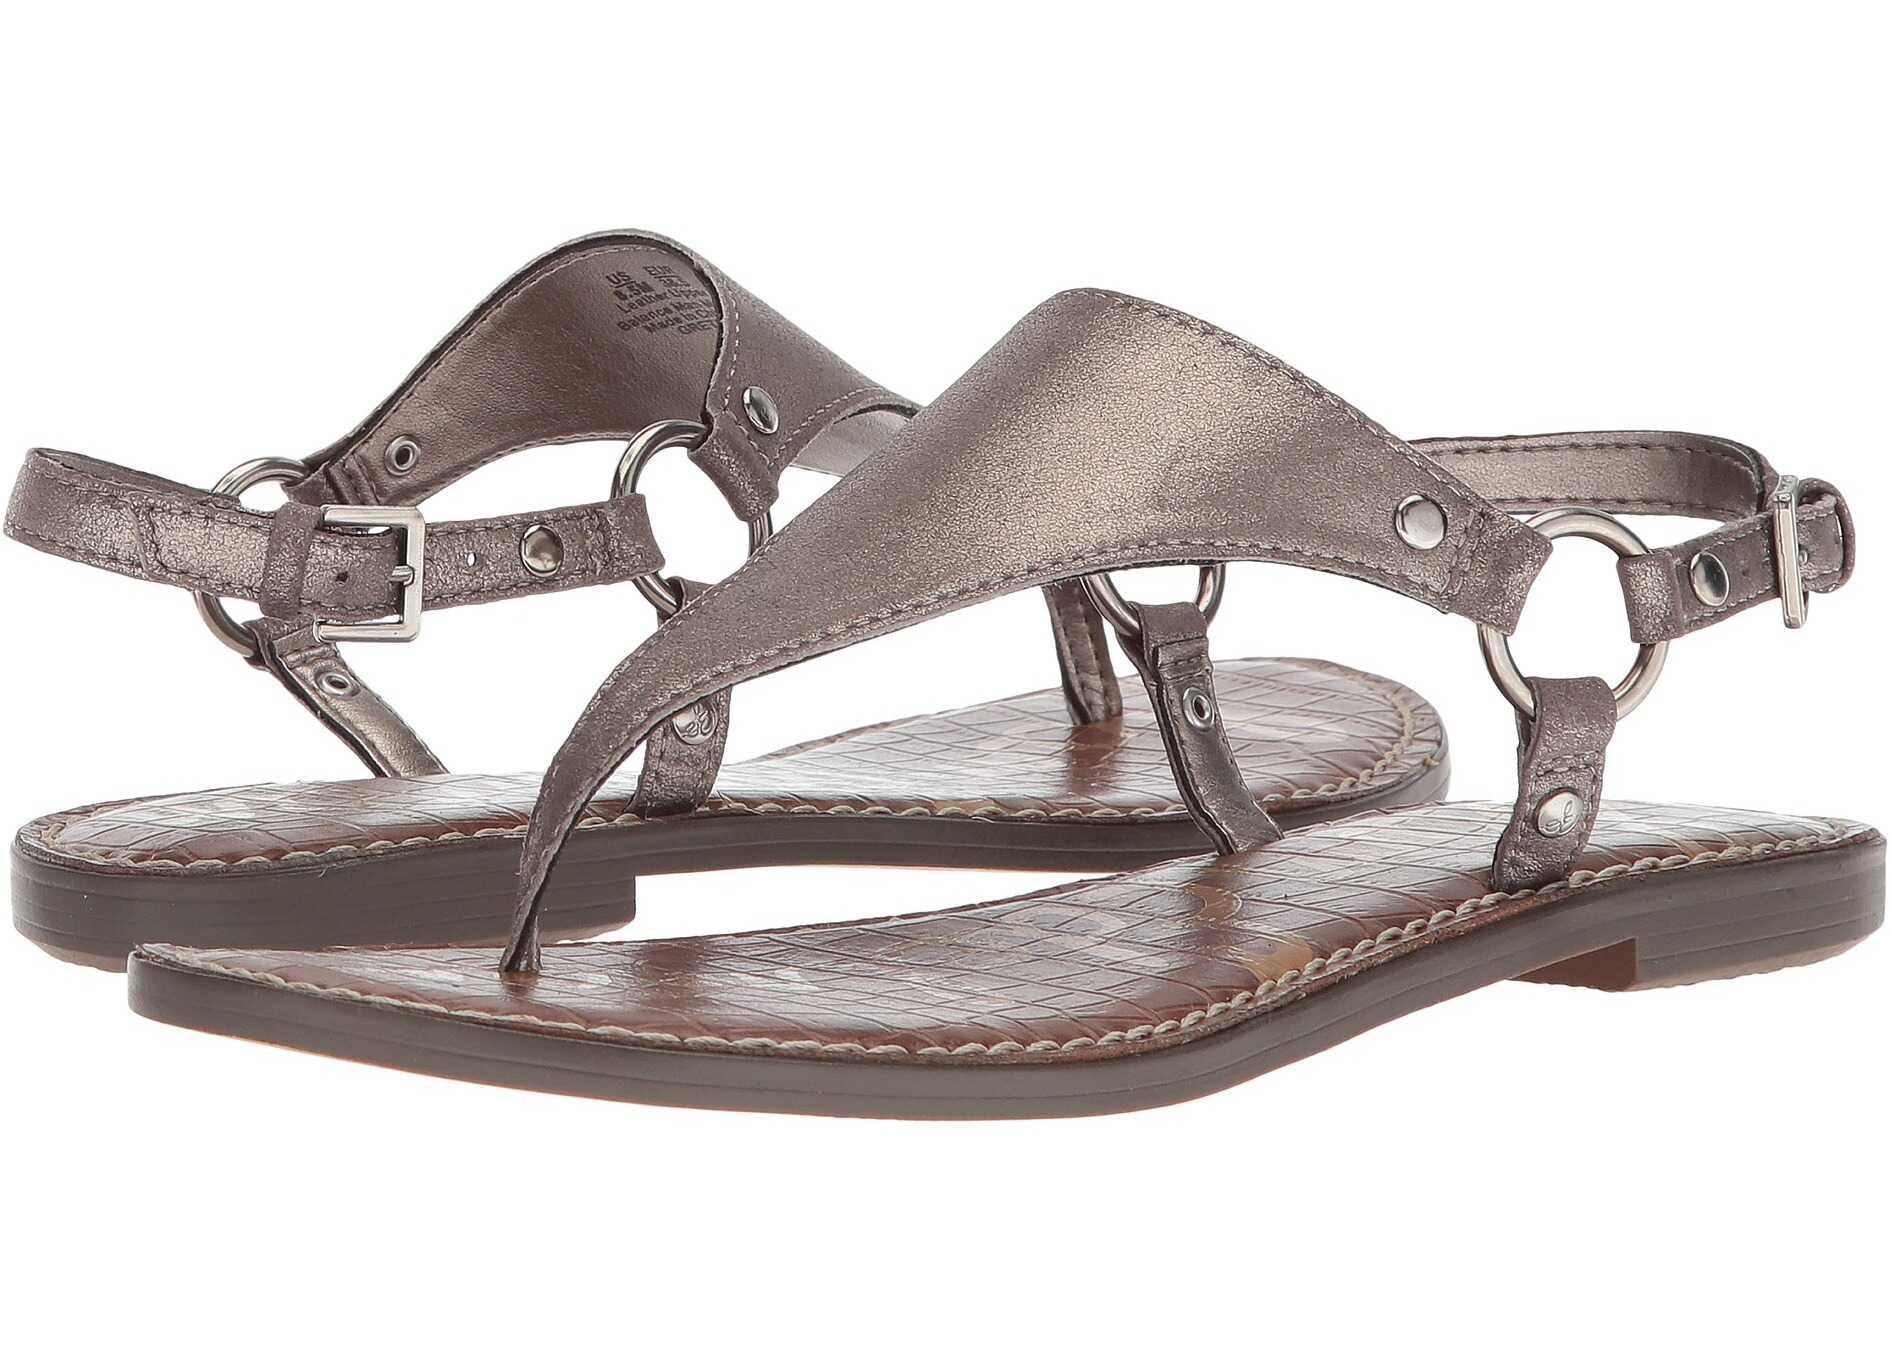 Sam Edelman Greta Pewter Dreamy Metallic Leather